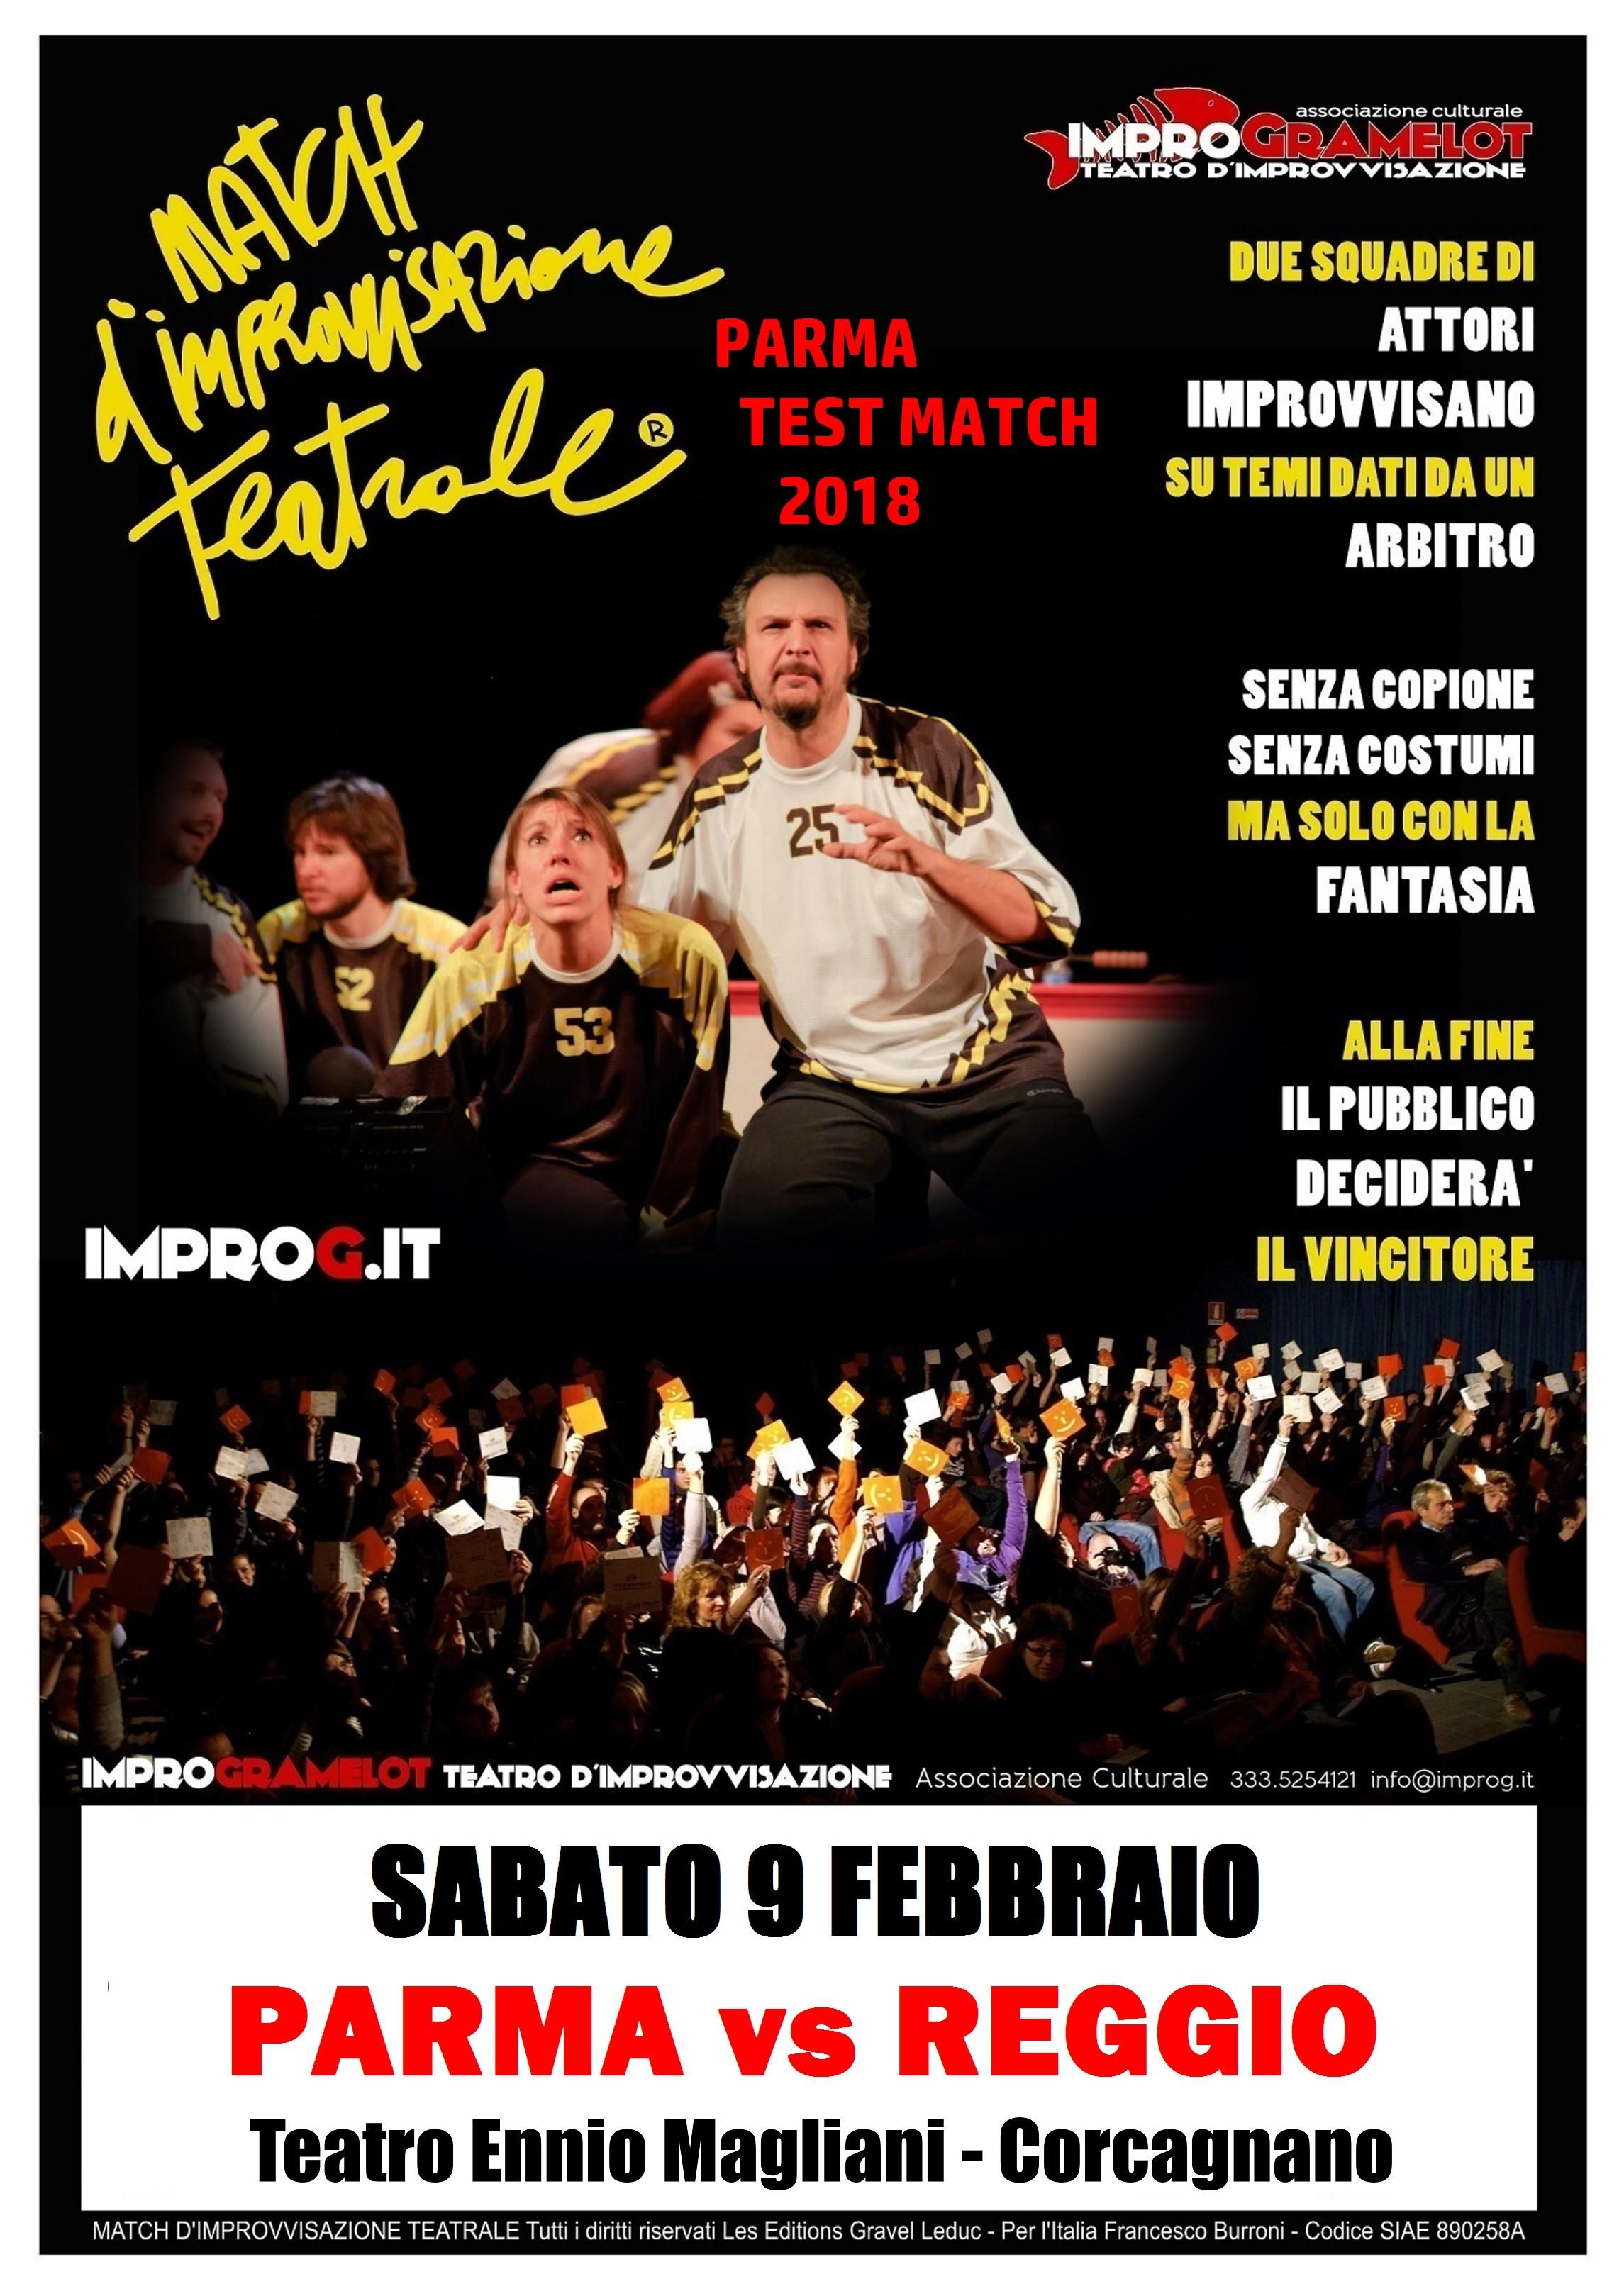 Match d'improvvisazione teatrale al teatro Magliani: Parma vs Reggio